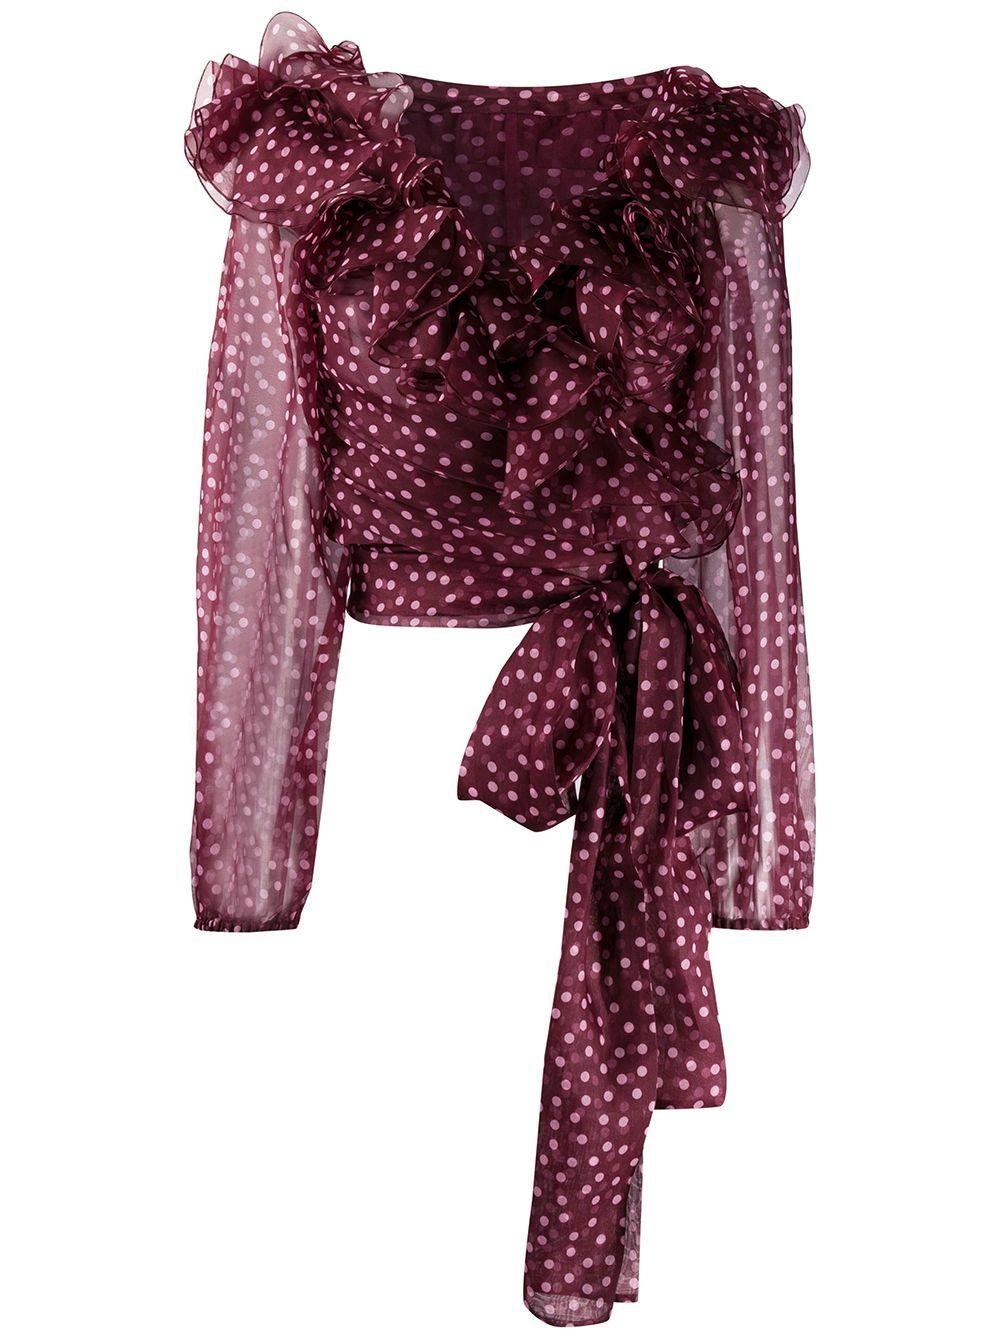 Dolce & Gabbana polka dot ruffled blouse